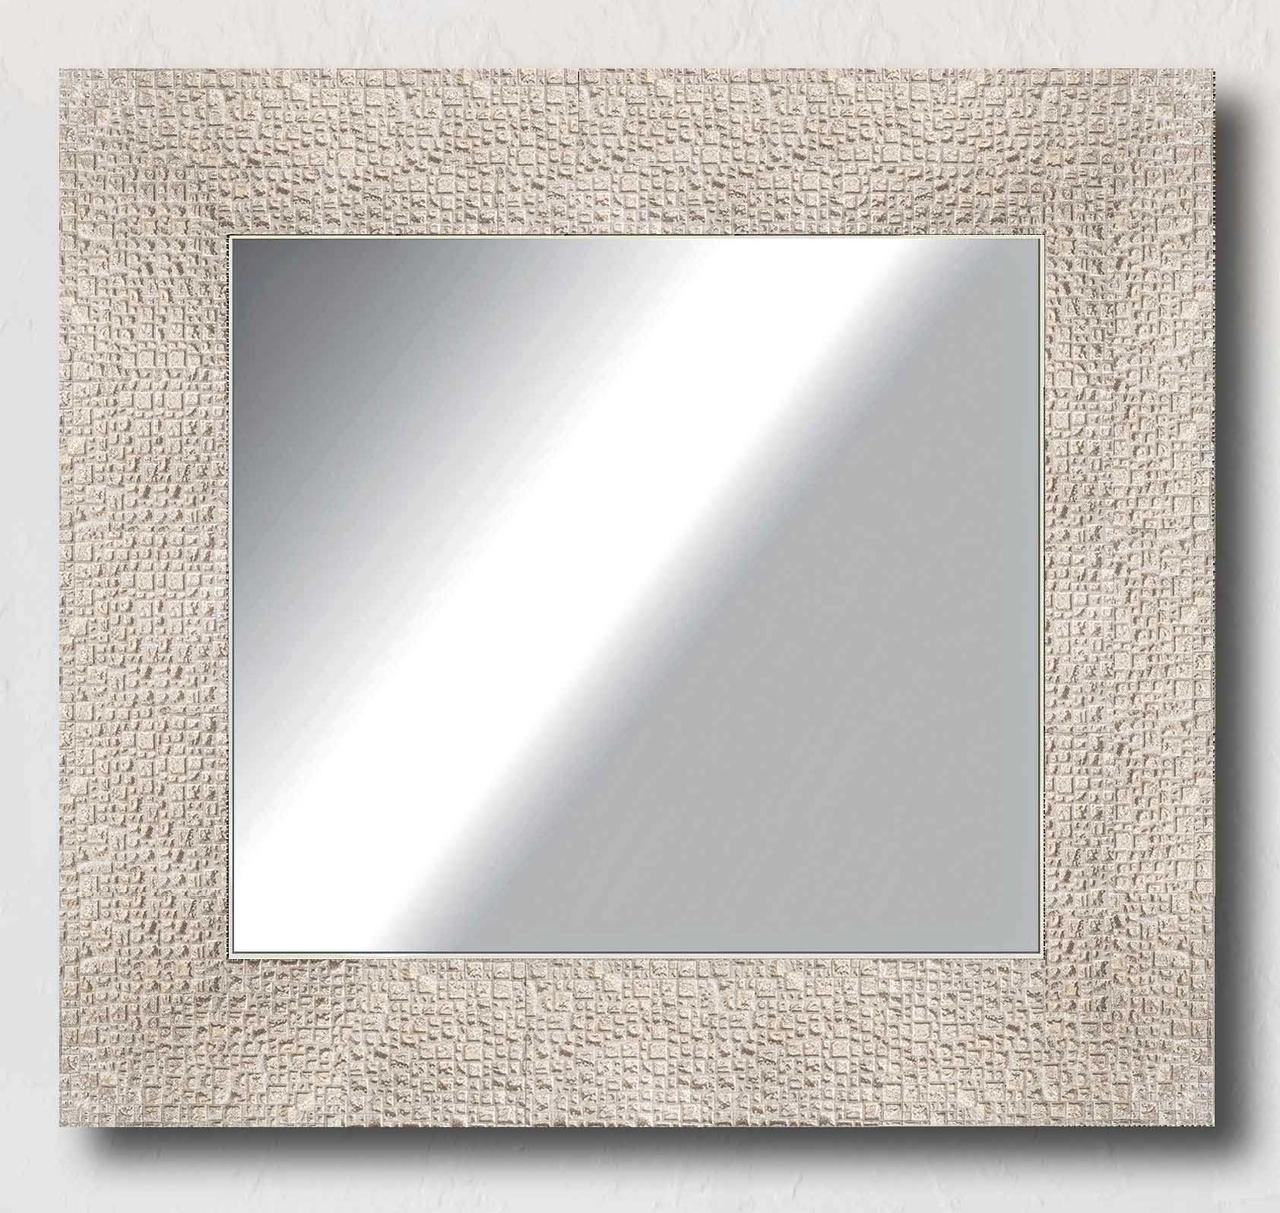 Зеркало настенное в раме Factura Textured beige 52.5х52.5 бежевое